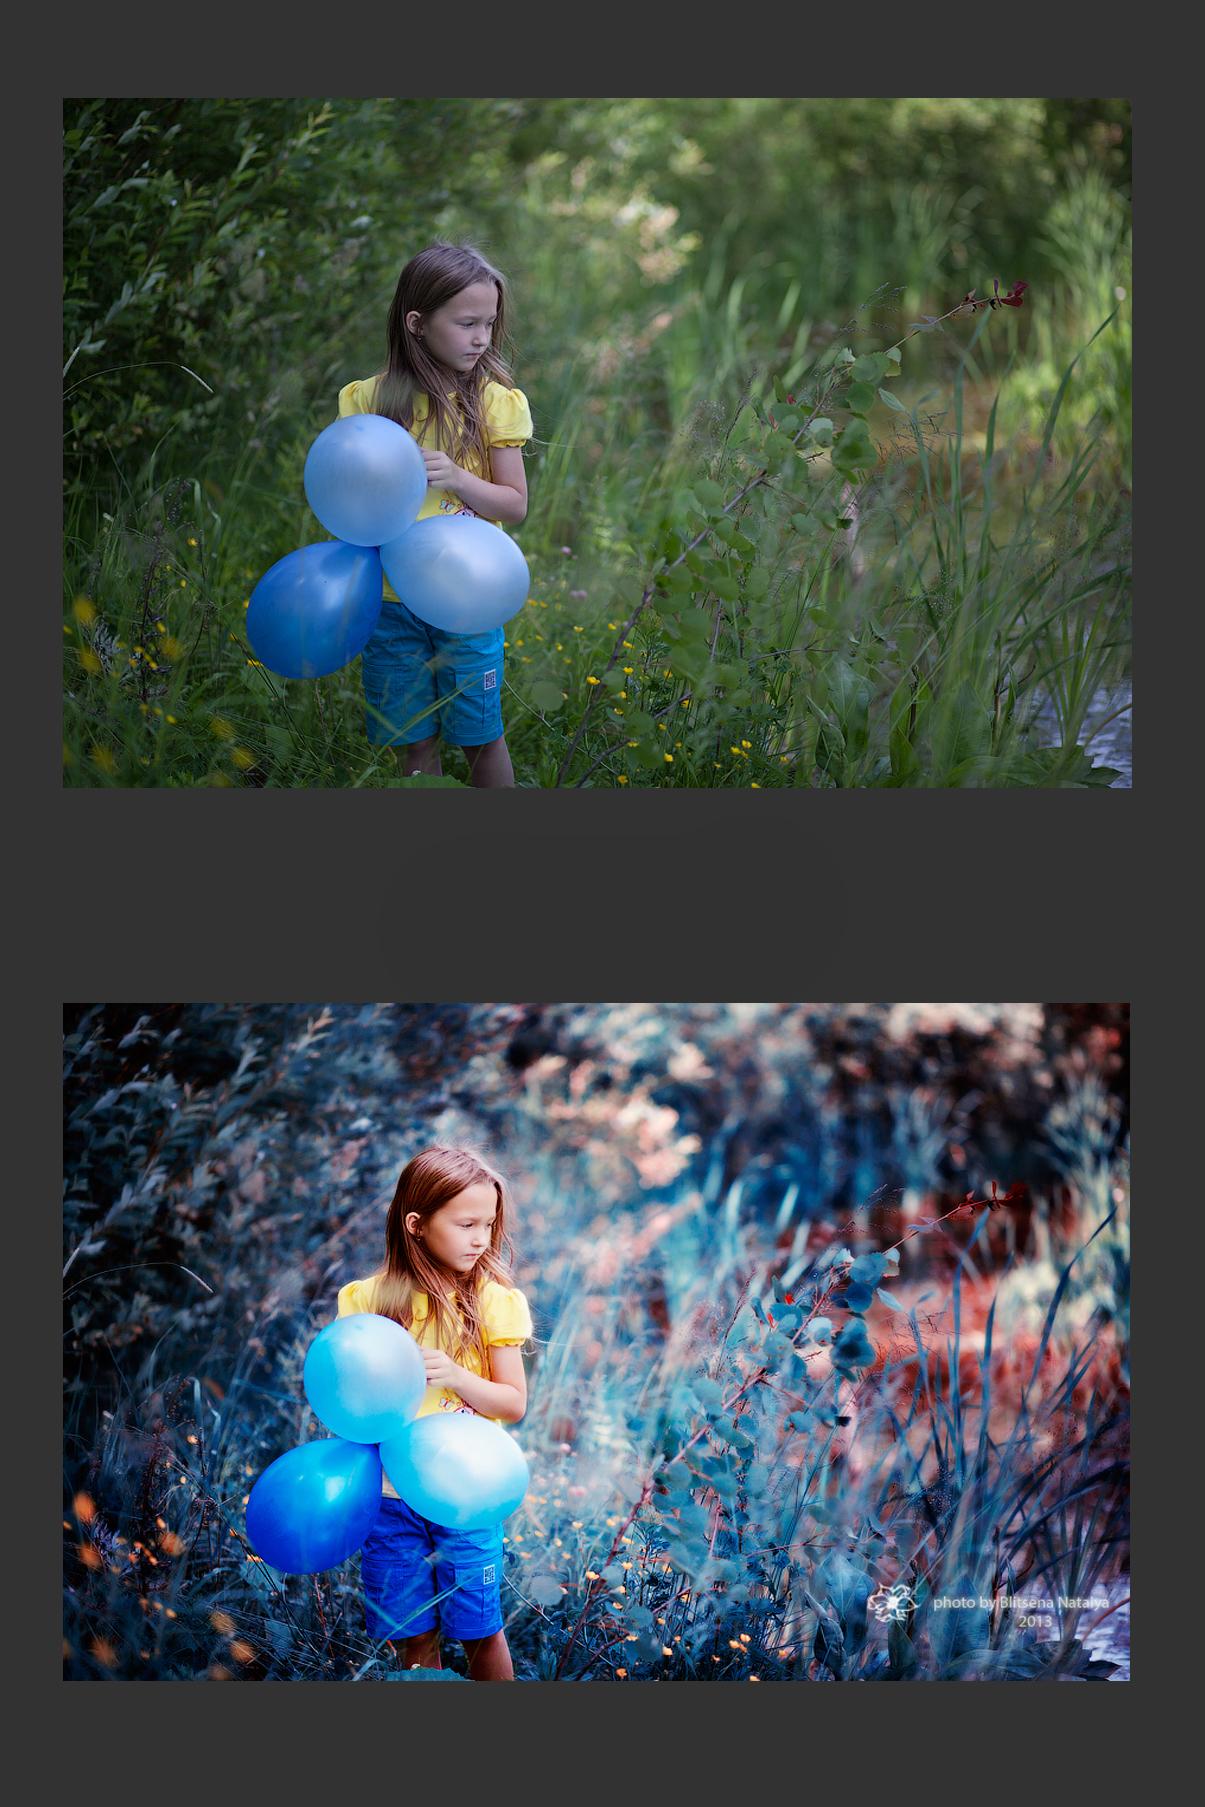 как научиться обработать фото